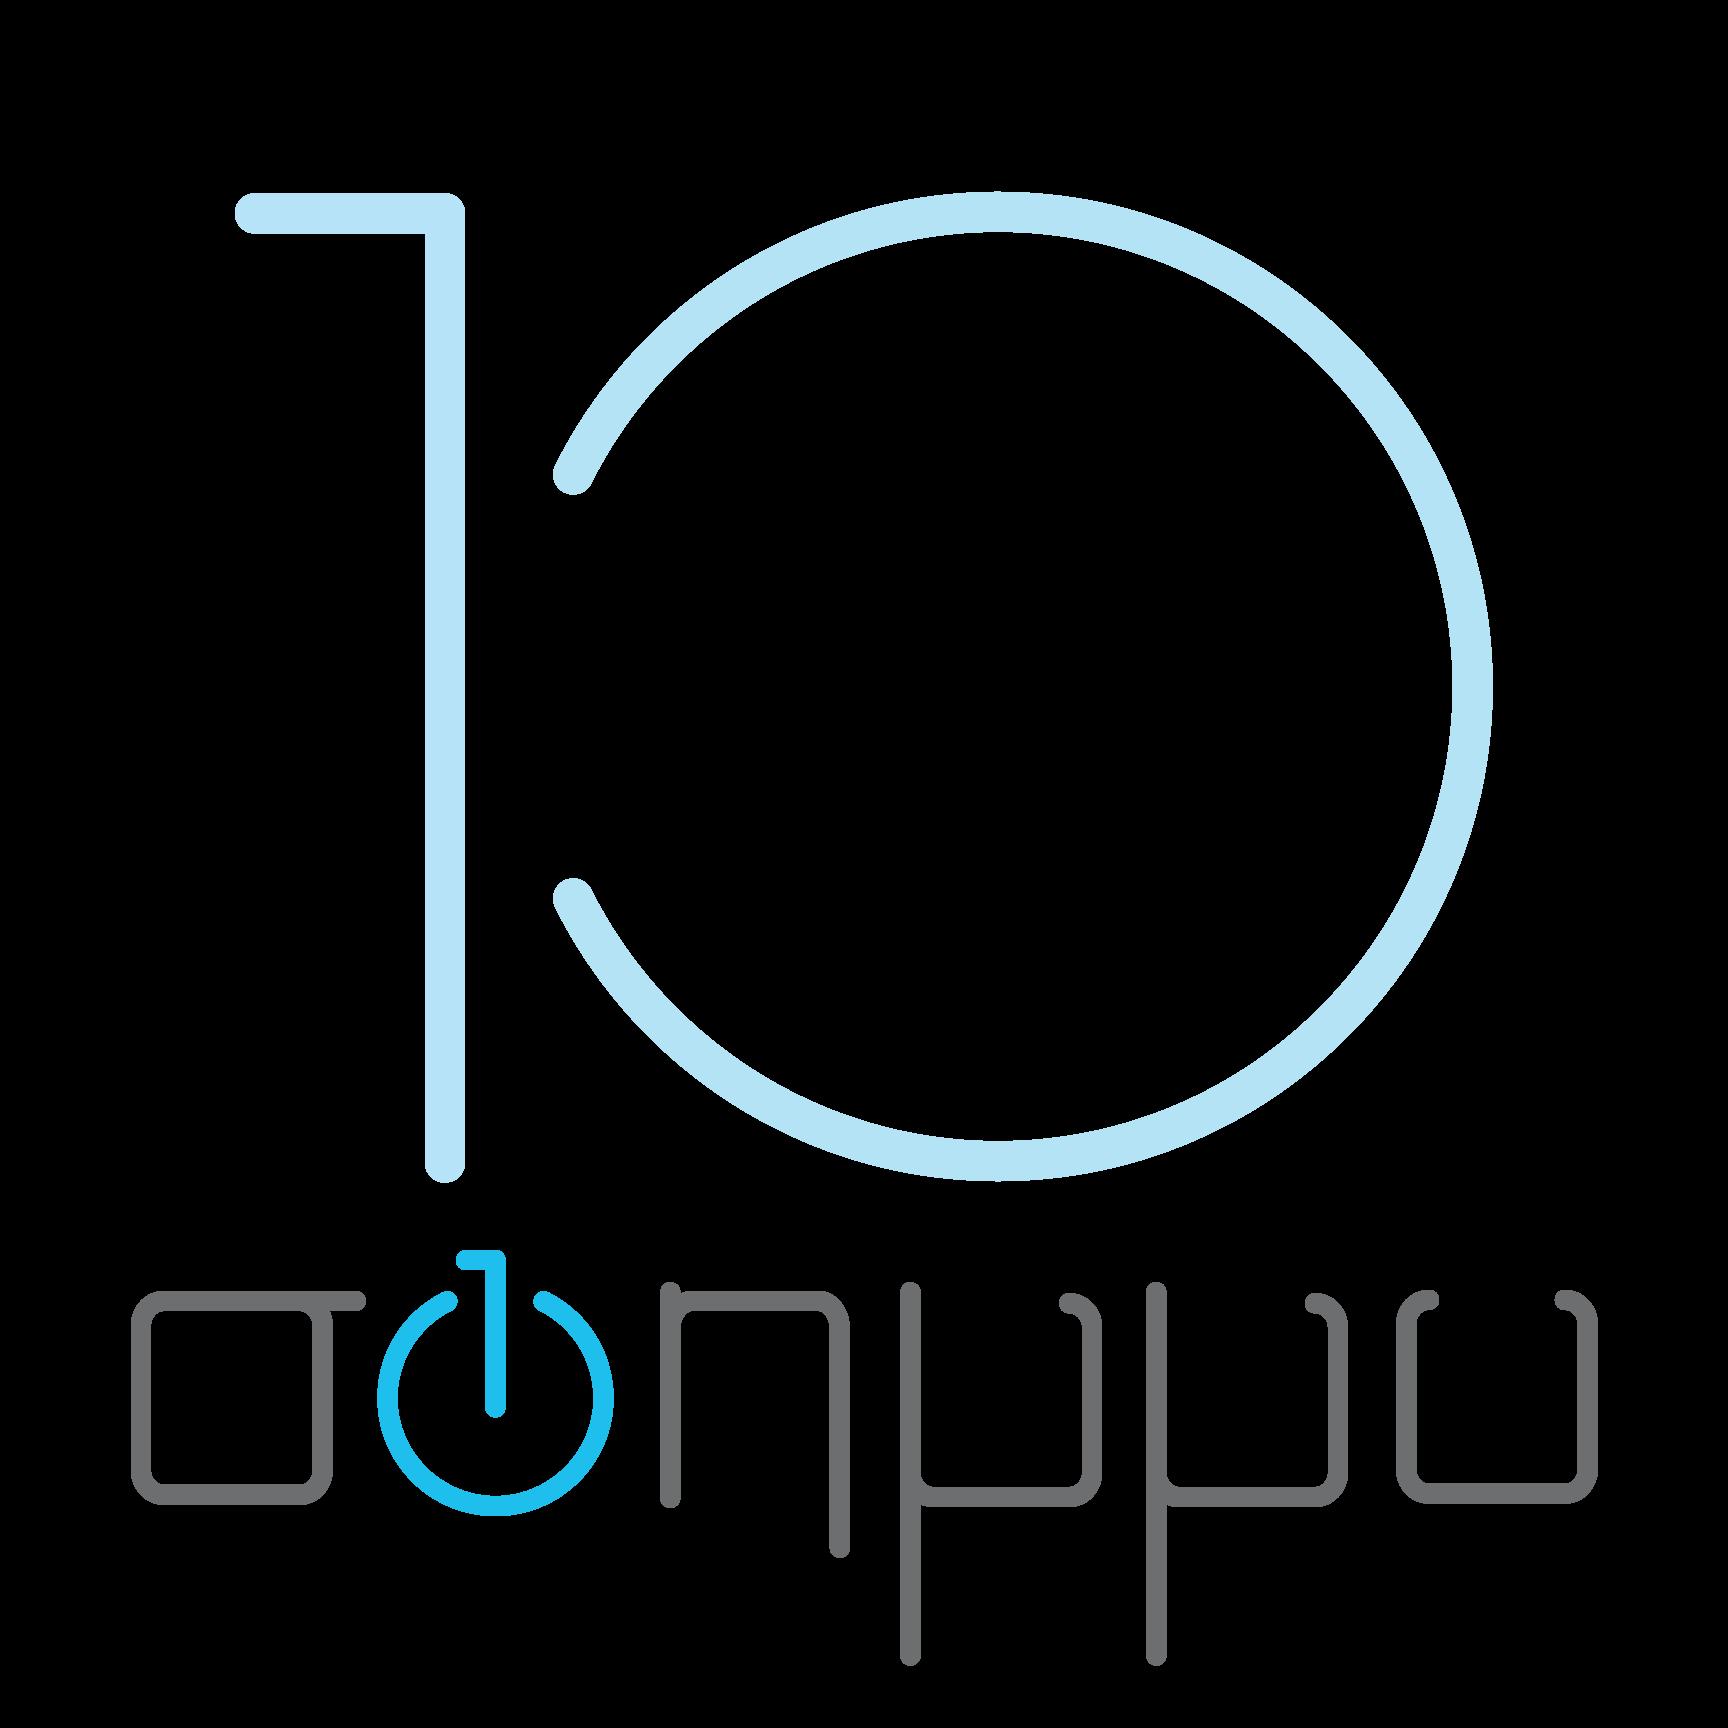 Λογότυπο ΣΦΗΜΜΥ 10